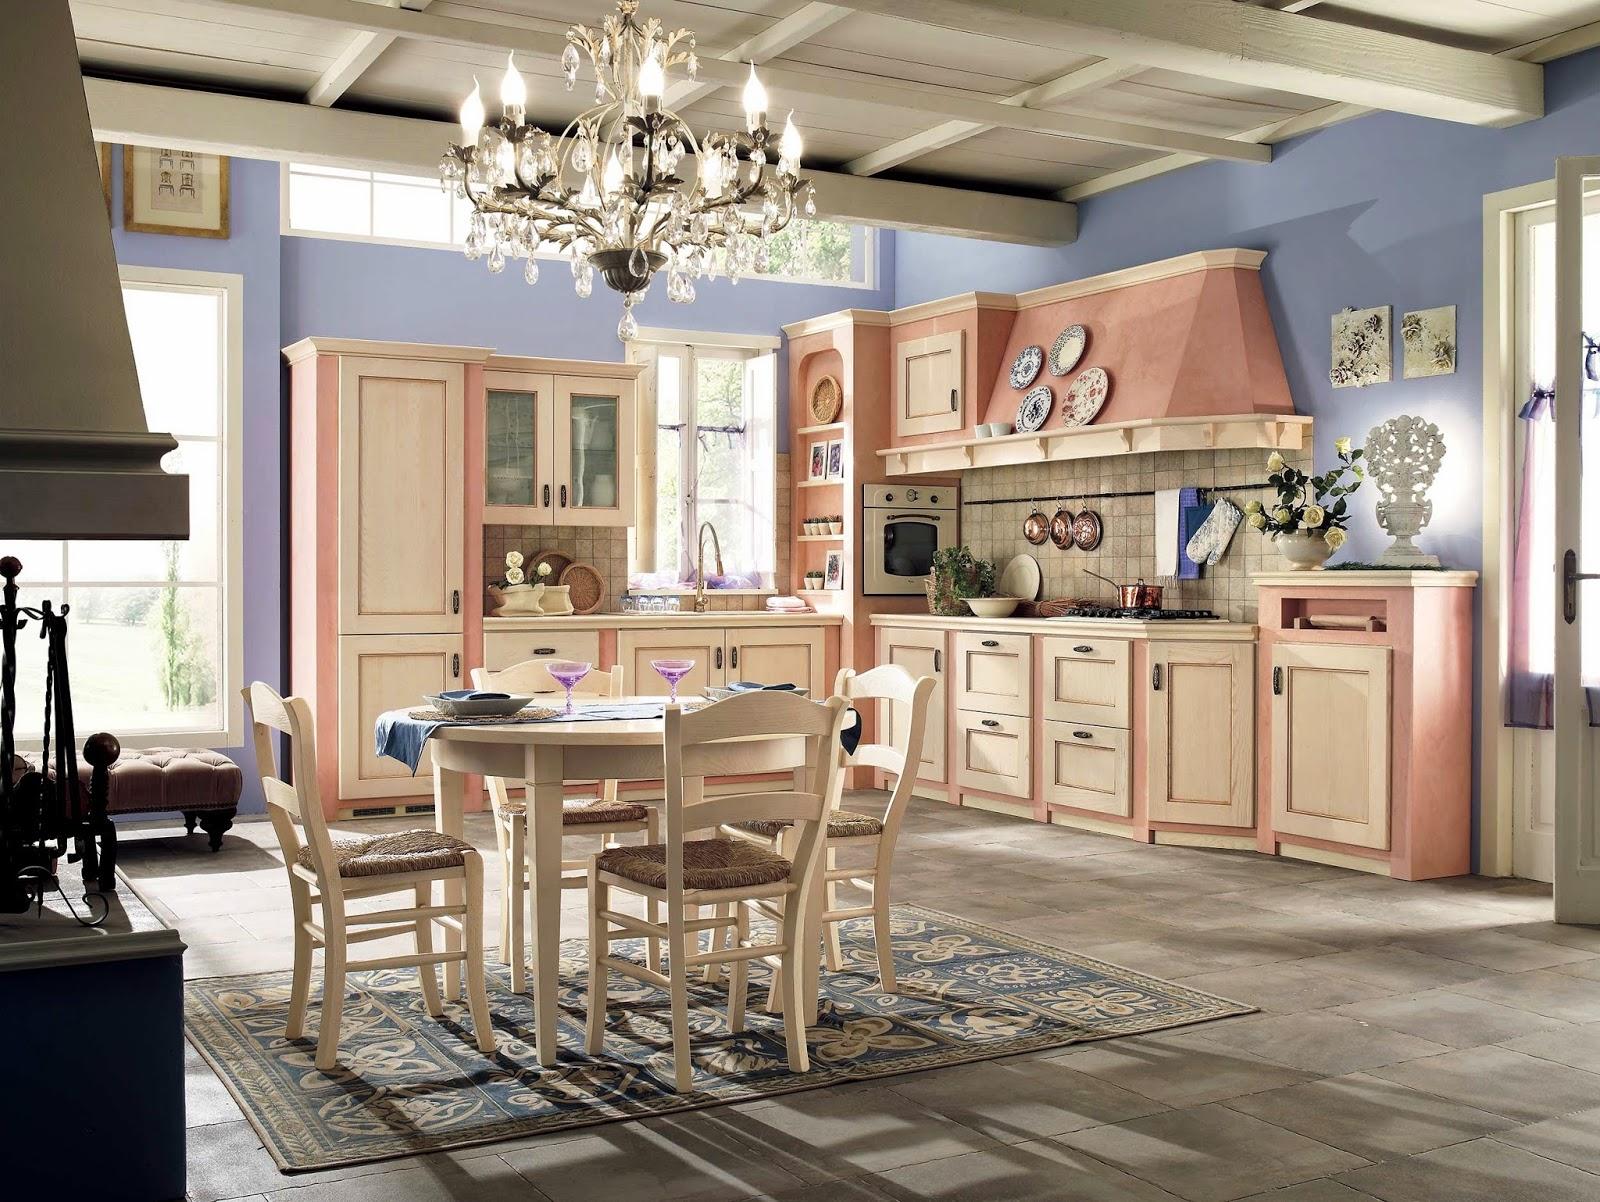 Cucine classiche cucina certosa di stosa - Cucine classiche in muratura ...